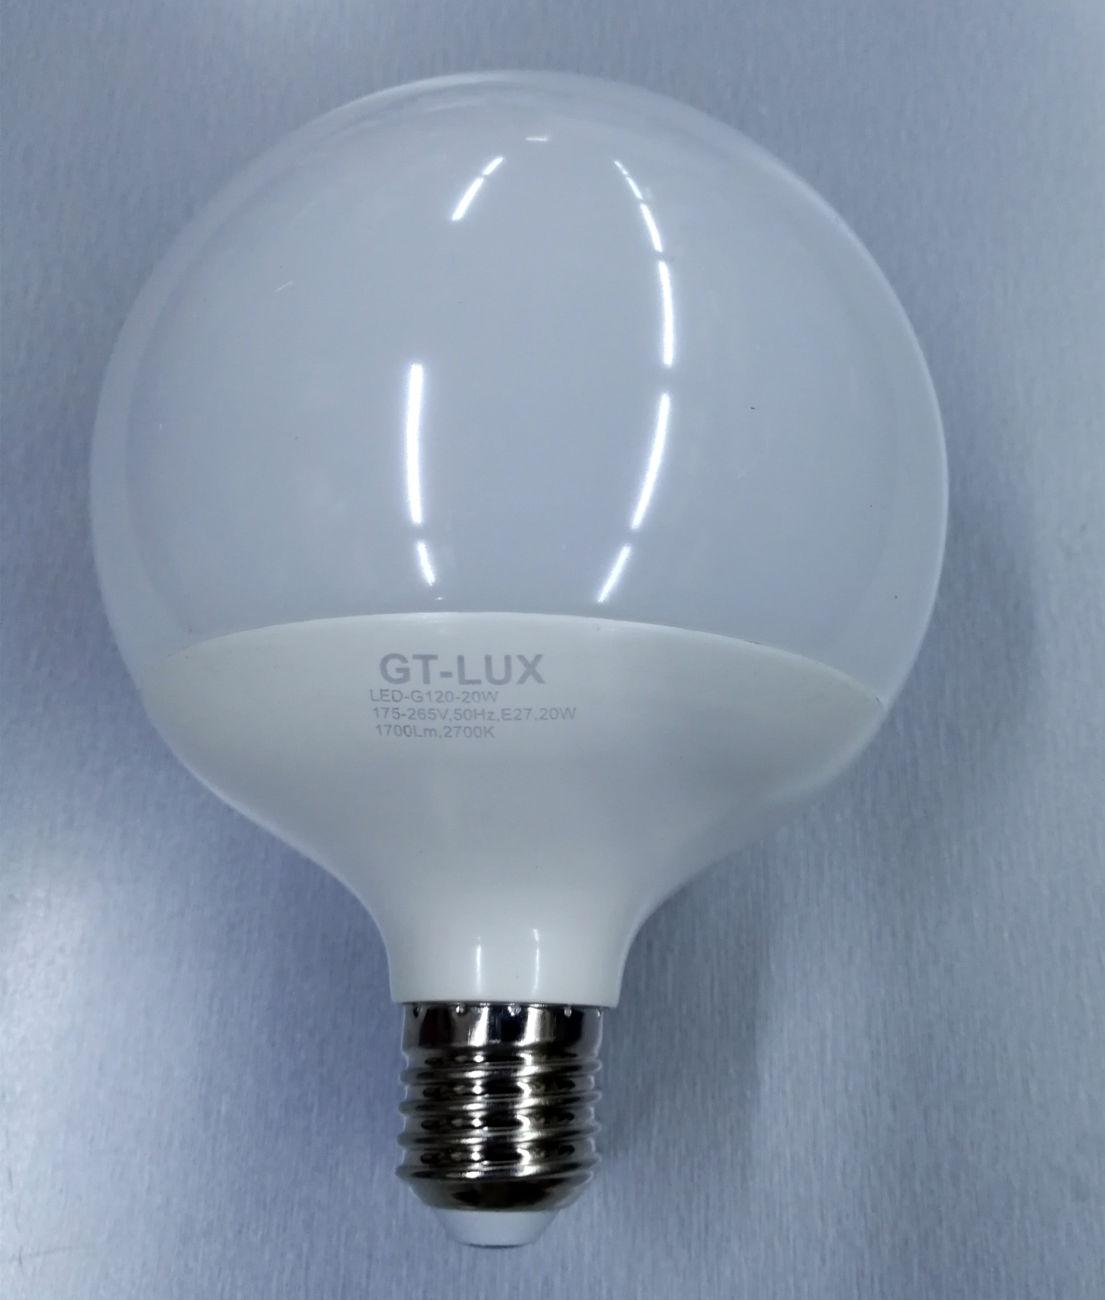 10 LAMPADE BULBO A60 LED E27 12W = 80W LED CALDA NATURALE FREDDA GT-LUX